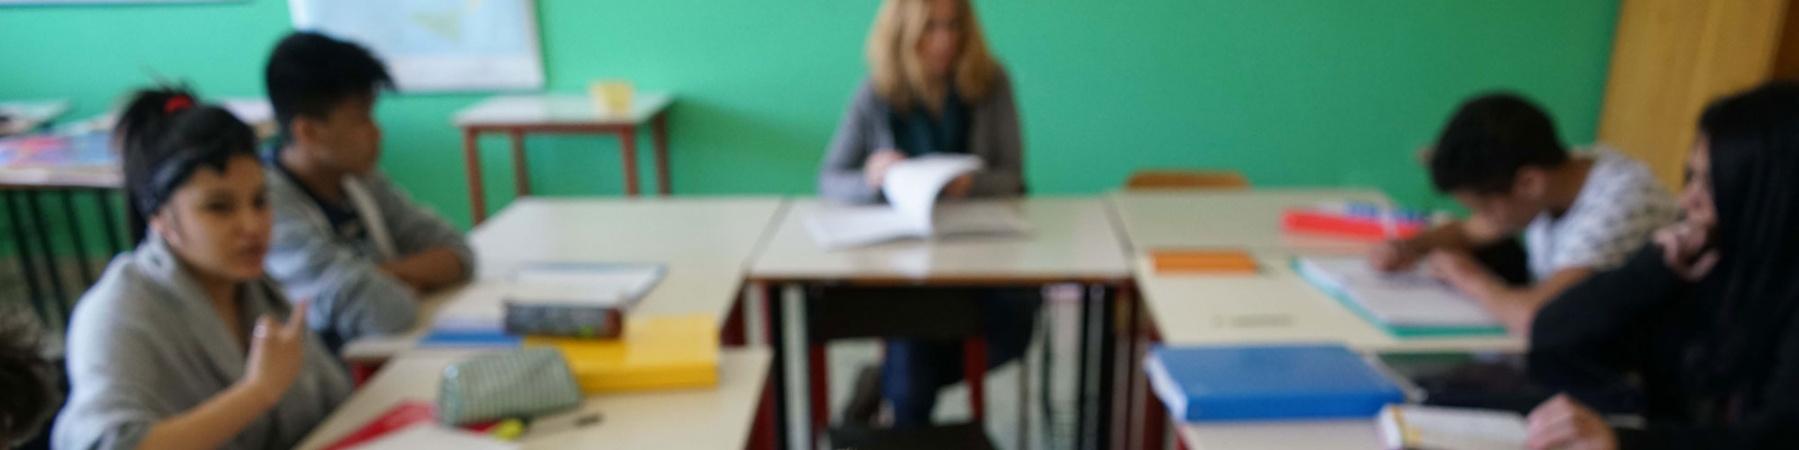 Ansia a scuola